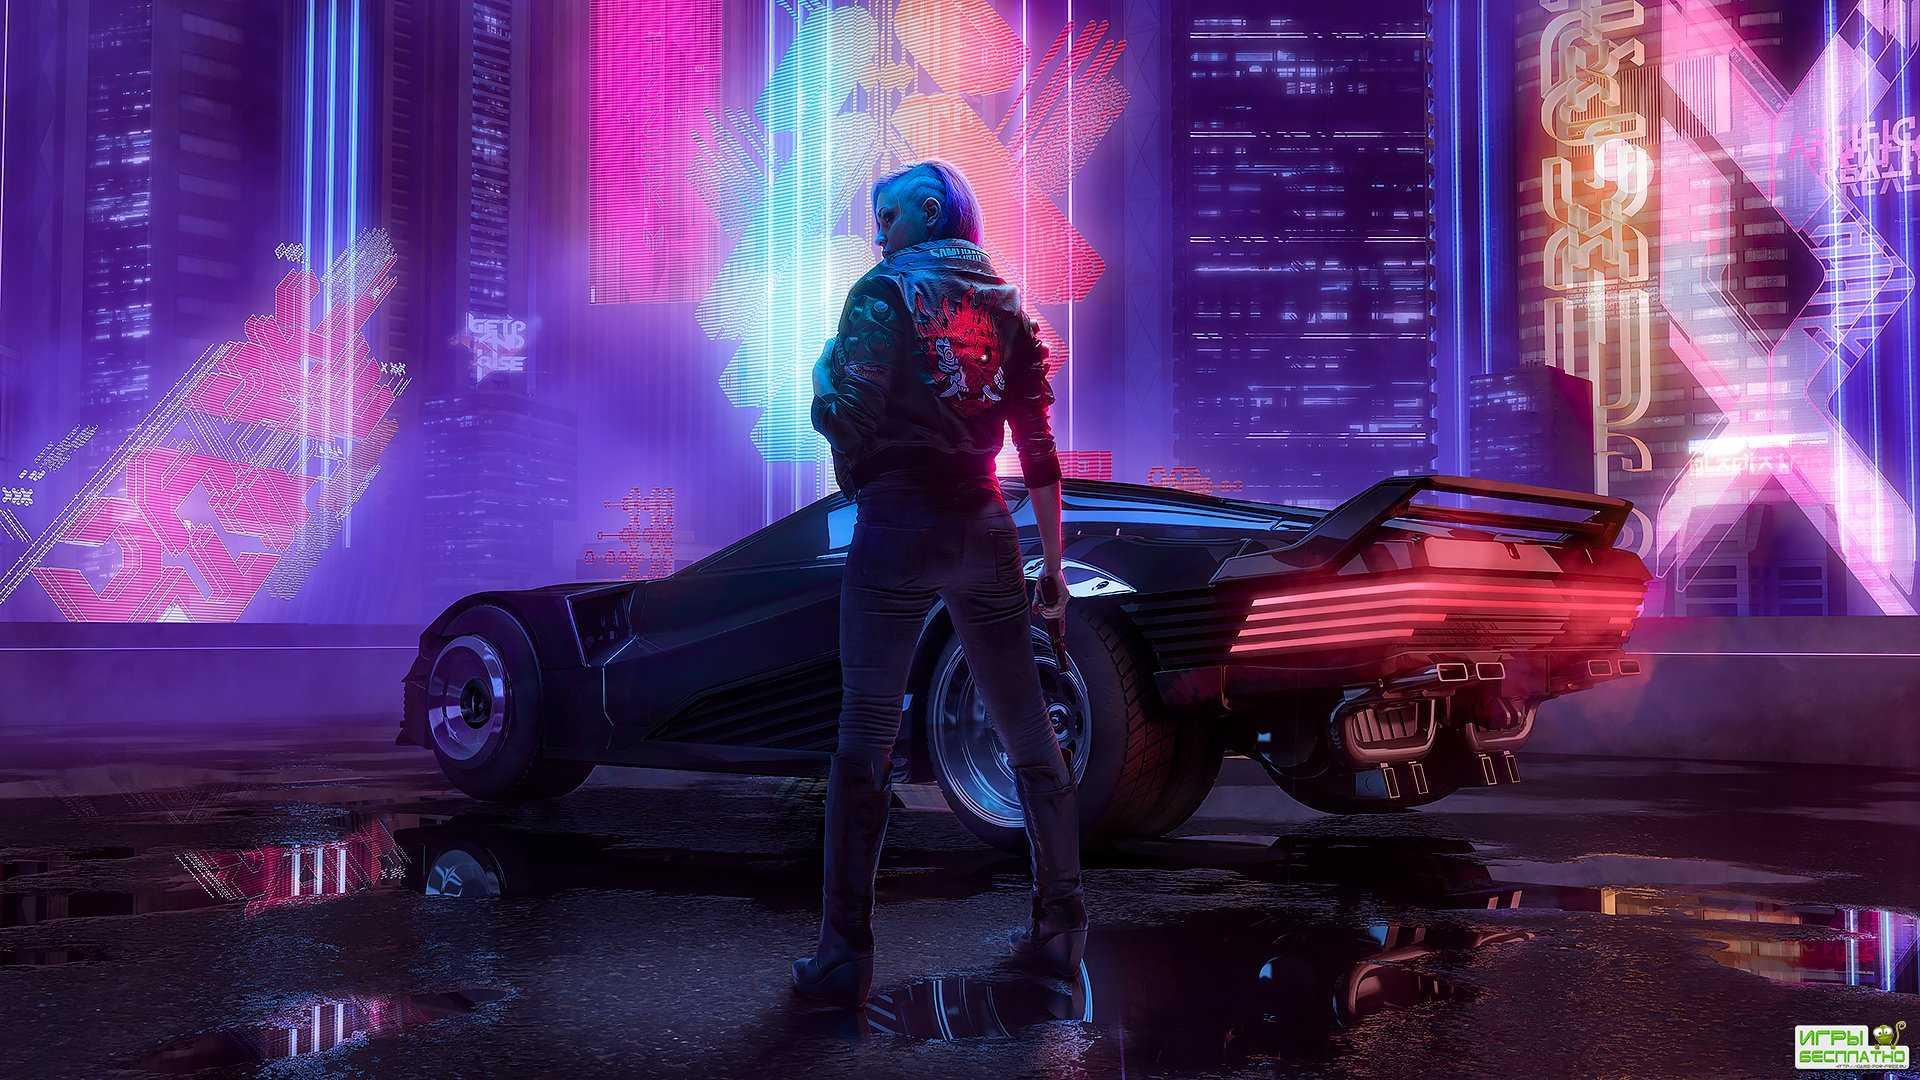 Какие уровни будут в Cyberpunk 2077